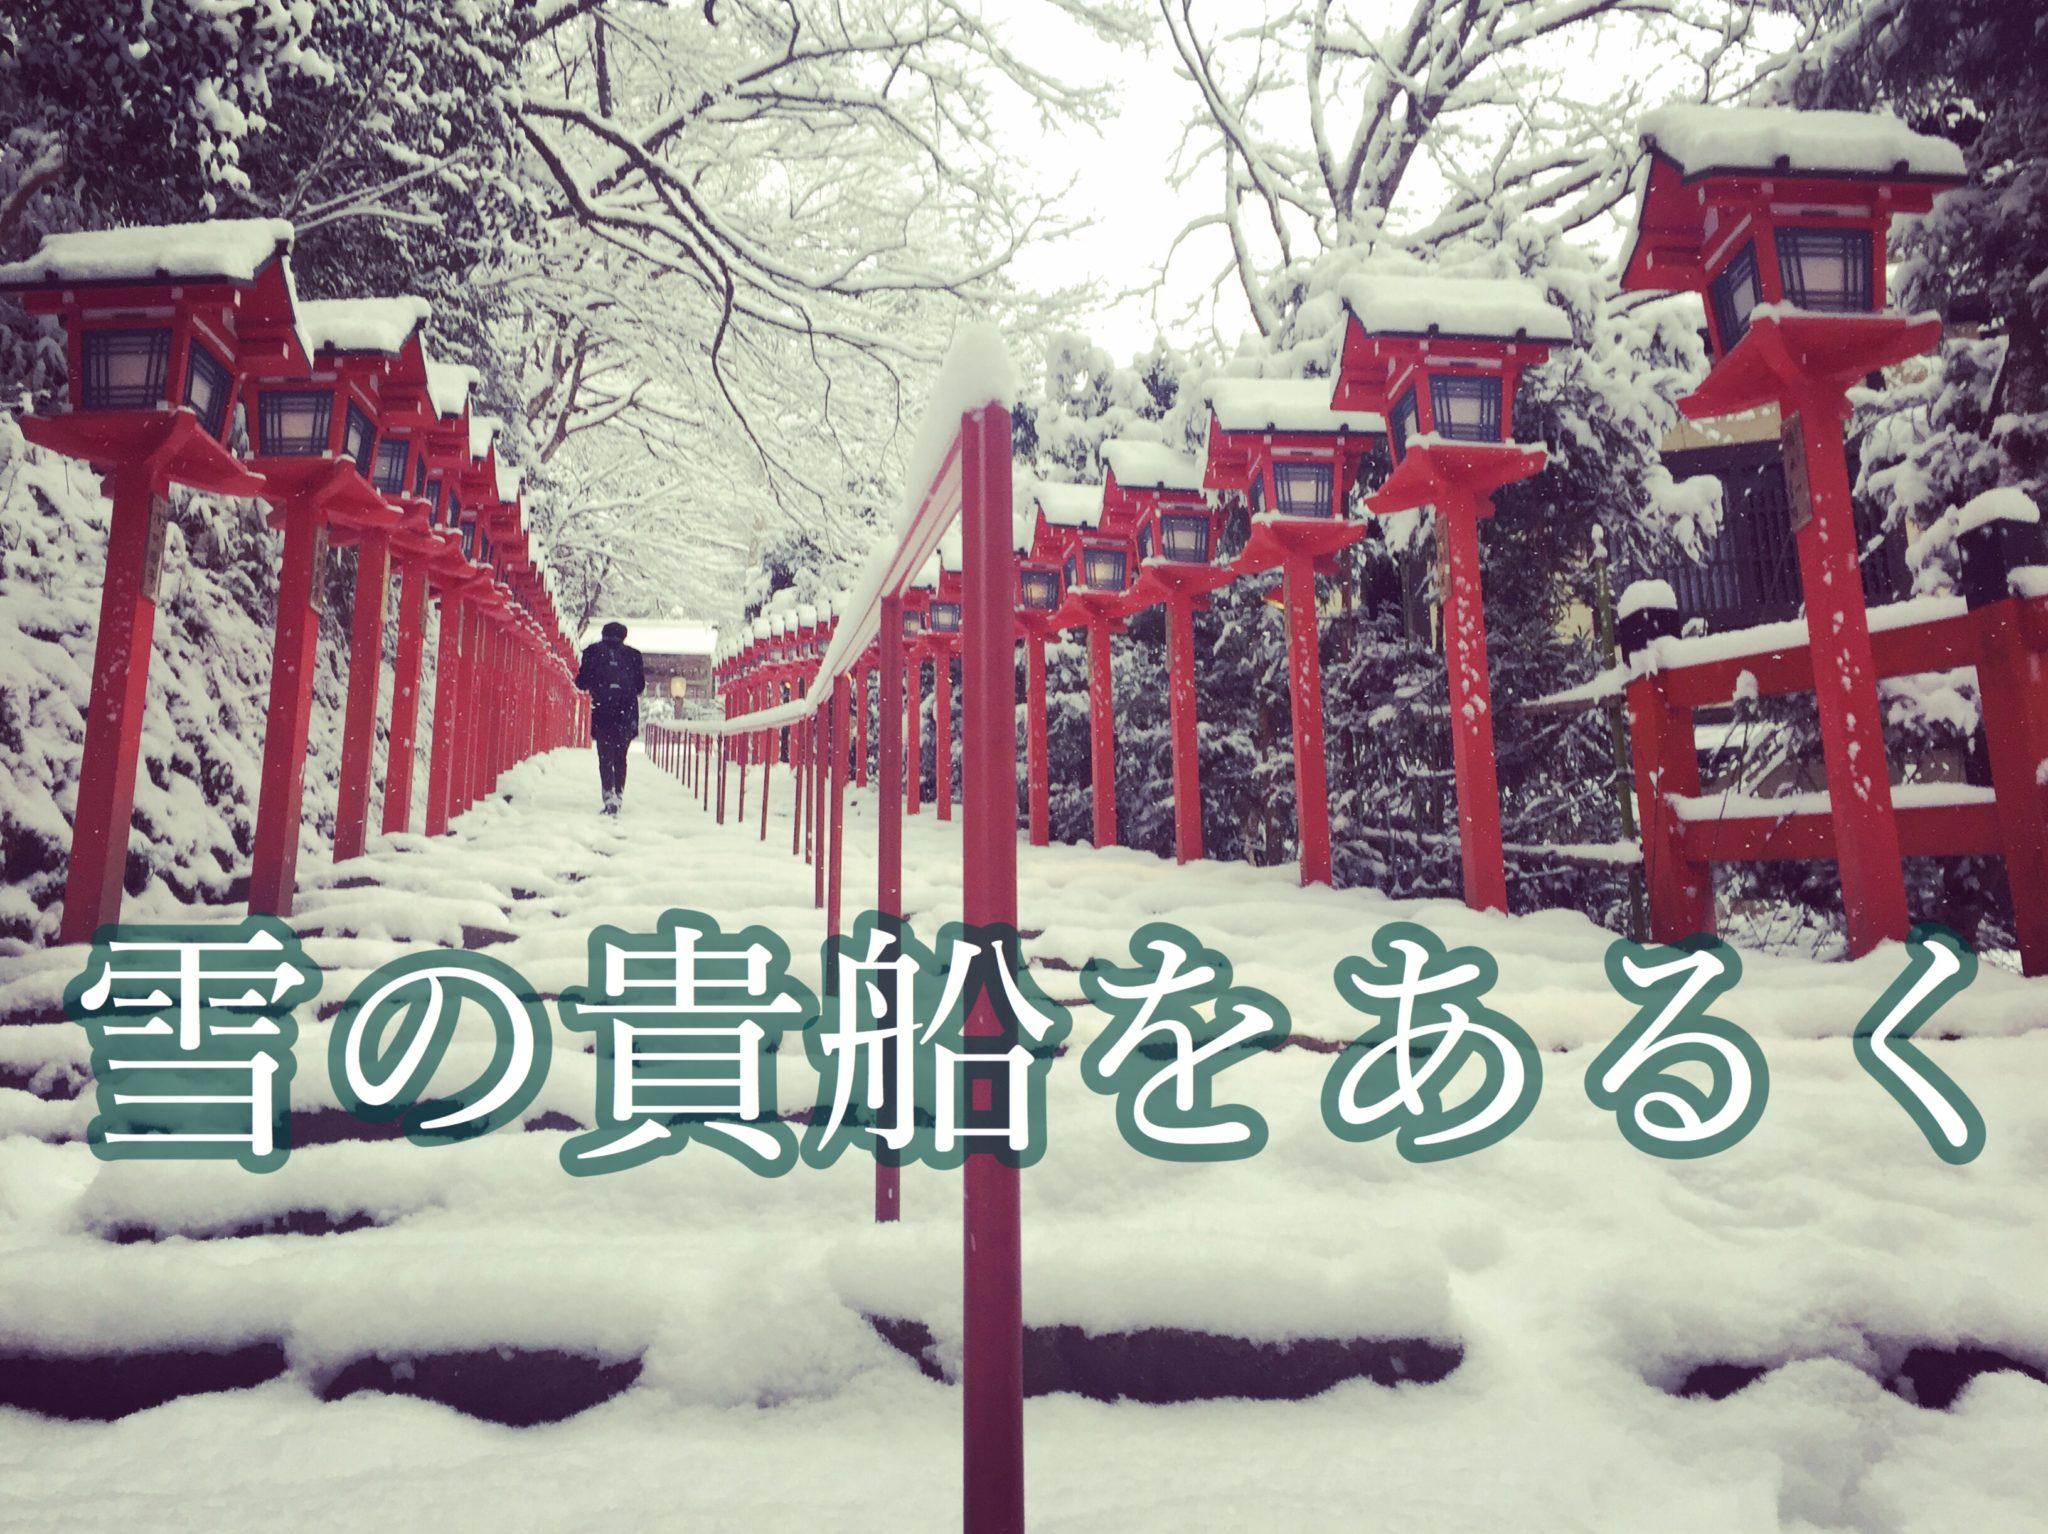 2018年冬の貴船神社のブログ記事のアイキャッチ画像